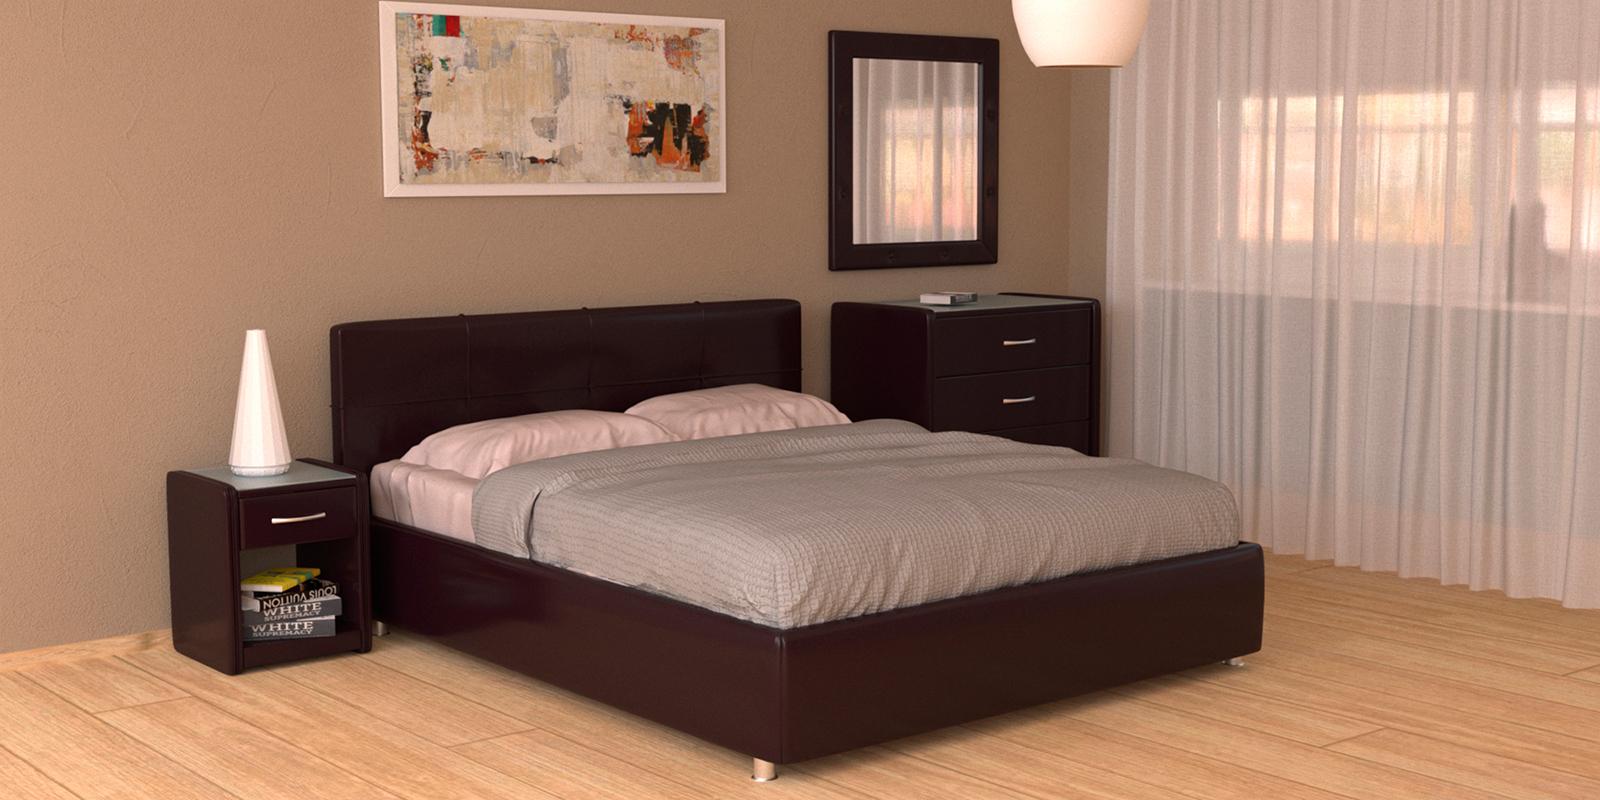 Мягкая кровать 200х160 Малибу вариант №10 с подъемным механизмом (Шоколад)